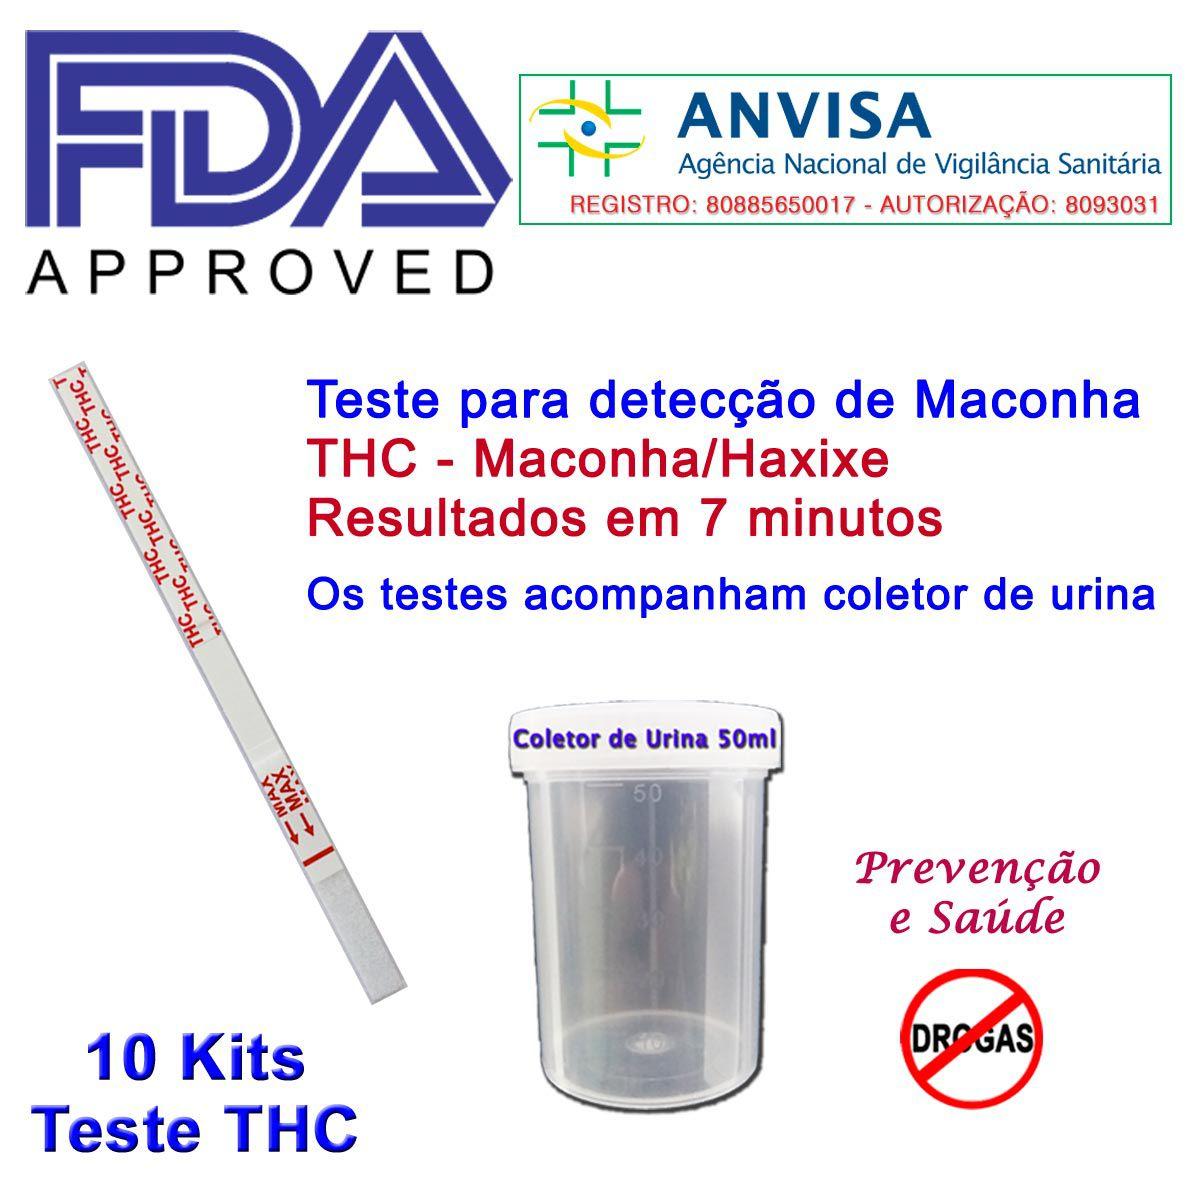 10 Kits para teste de-THC  - Prevenção e Saúde